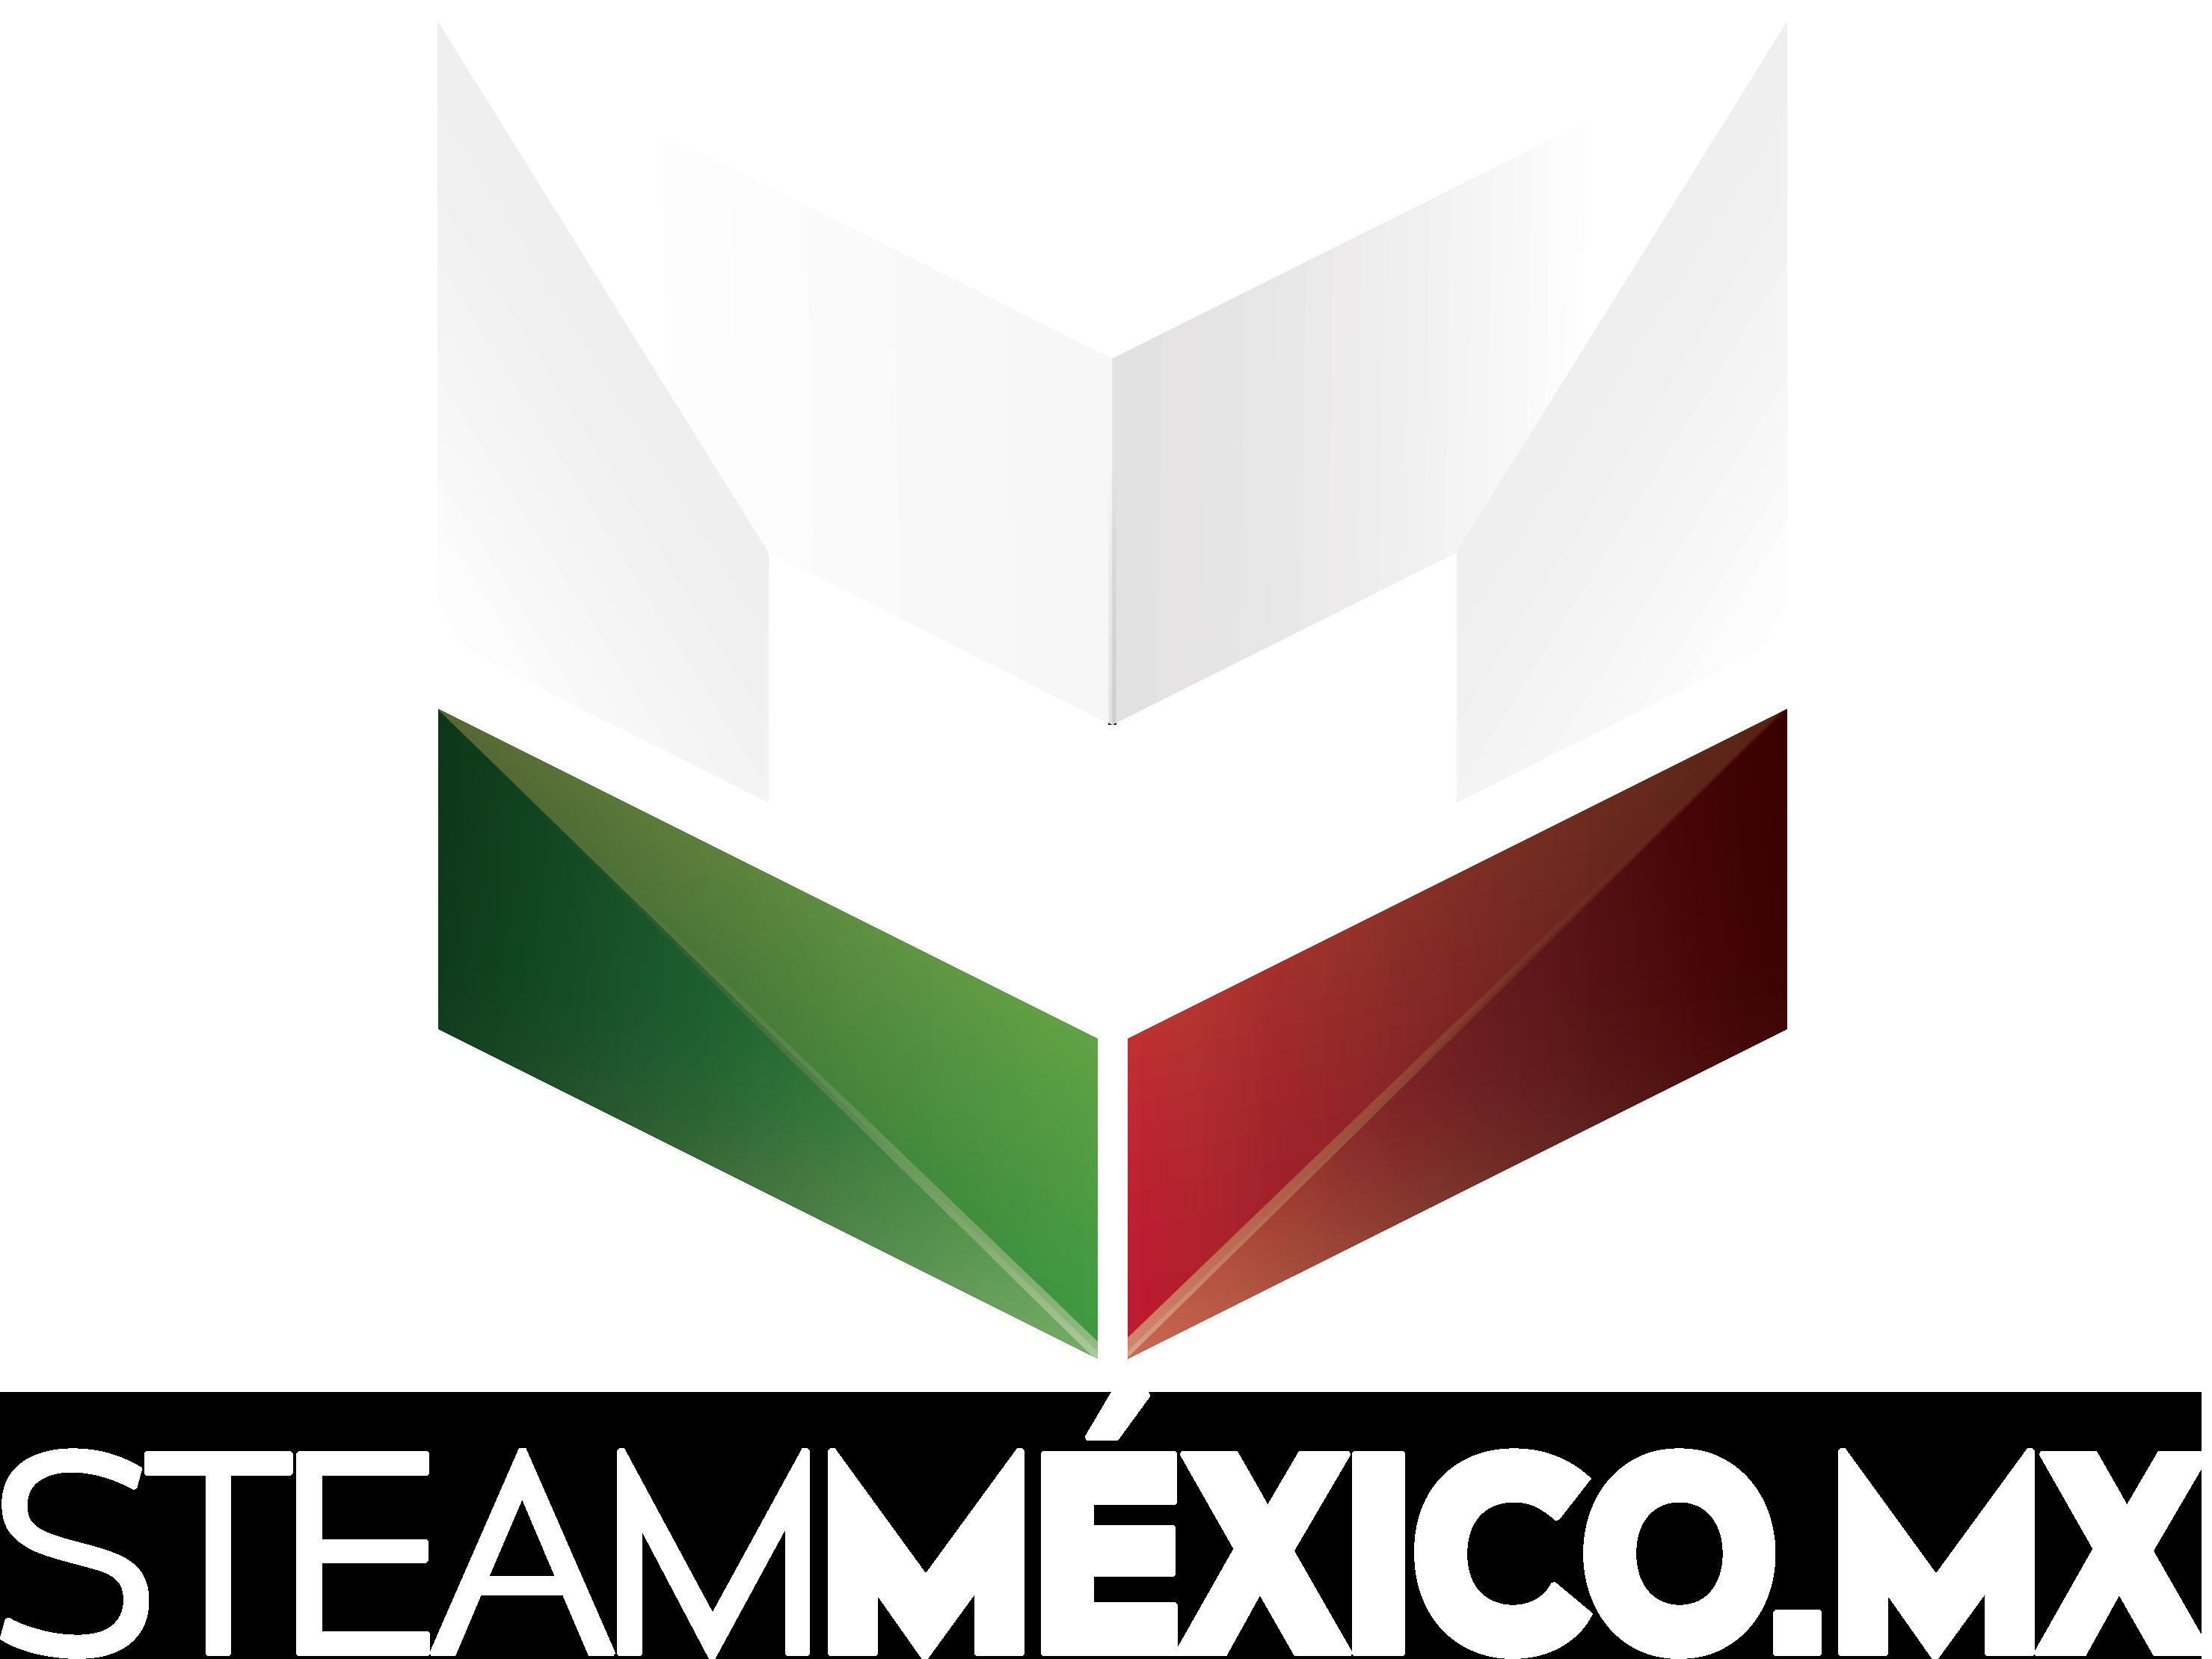 STEAMEXICO-MX-BLANCO-STEAM-MEXICO-LOGO-COMUNIDAD-STEAM-MEXICO-LAGLVL.COM-WWW.STEAMMEXICO.MX-STEAM-MEXICO-DISCORD-STEAM-KEYS-RANDOM-KEY-GRATIS